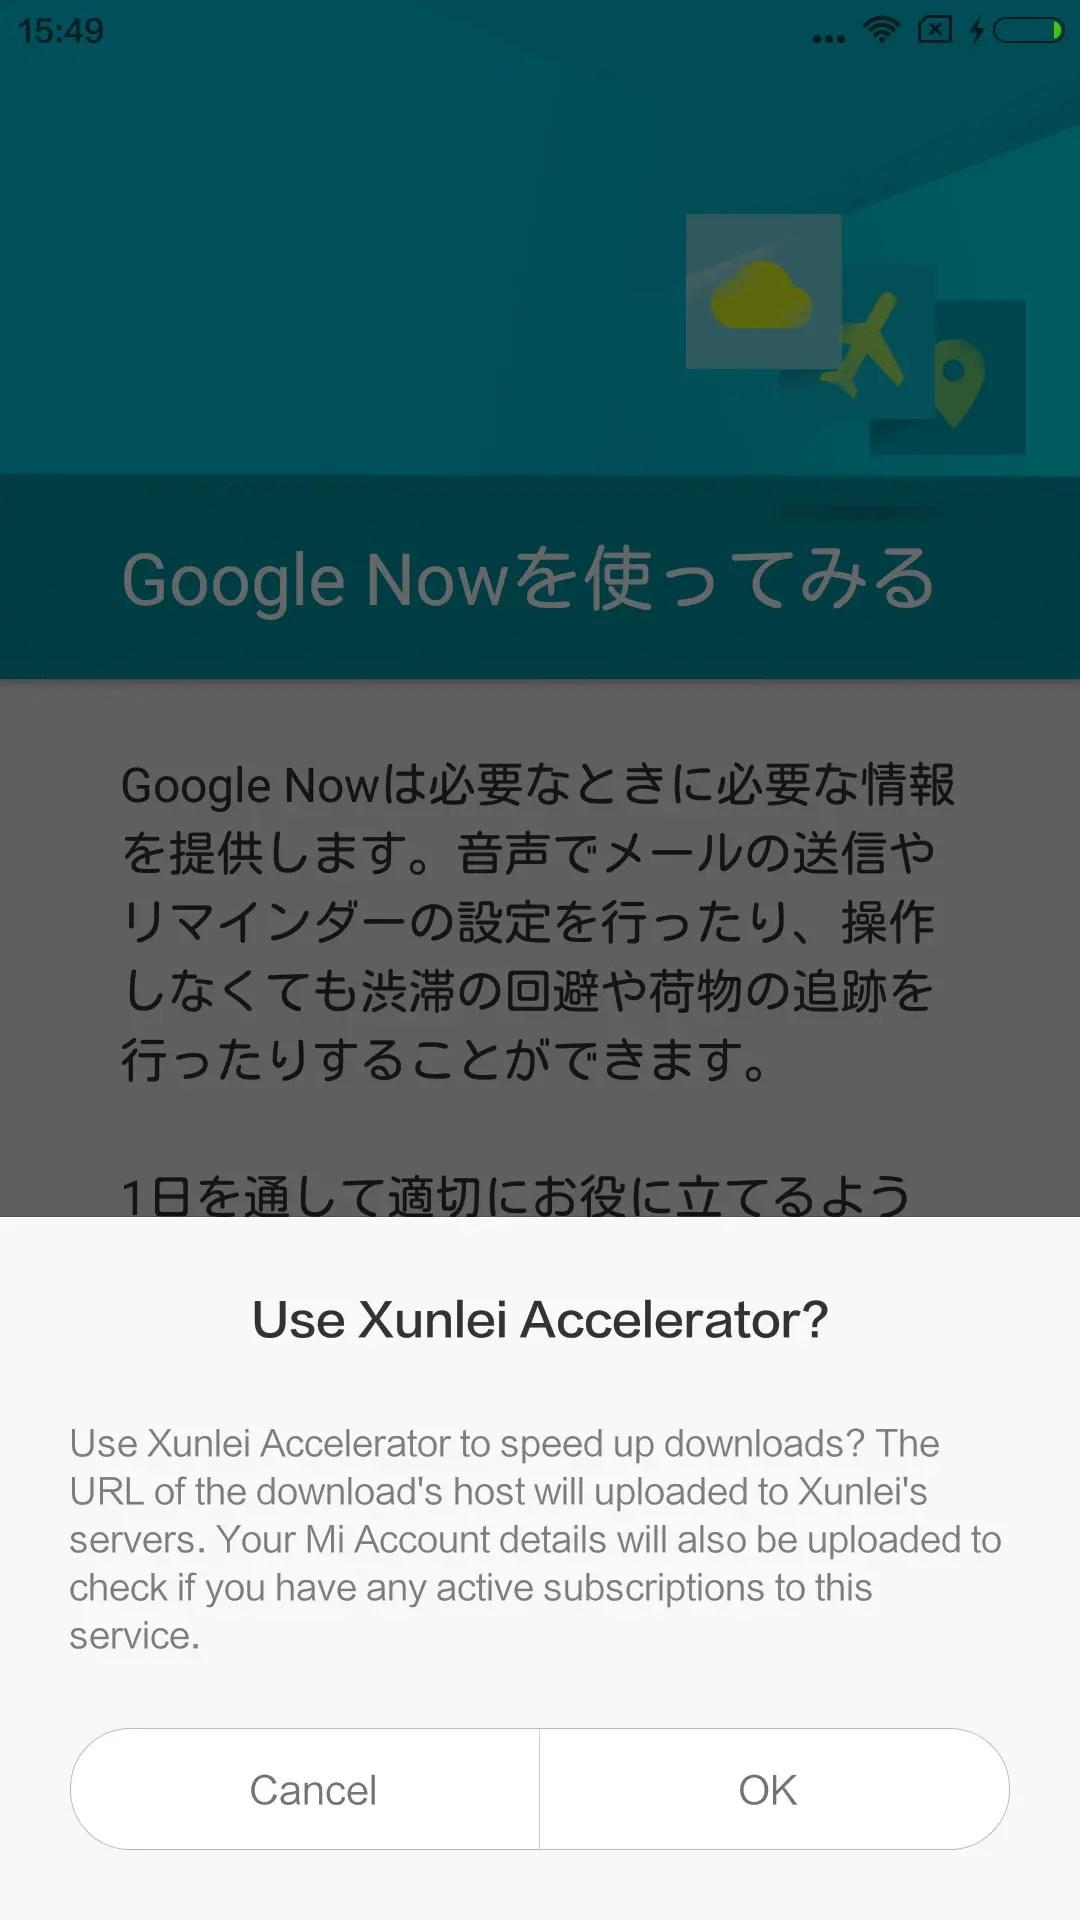 Xunlei Accelerator ダウンロードのスピードアップするツールらしいけど使わない